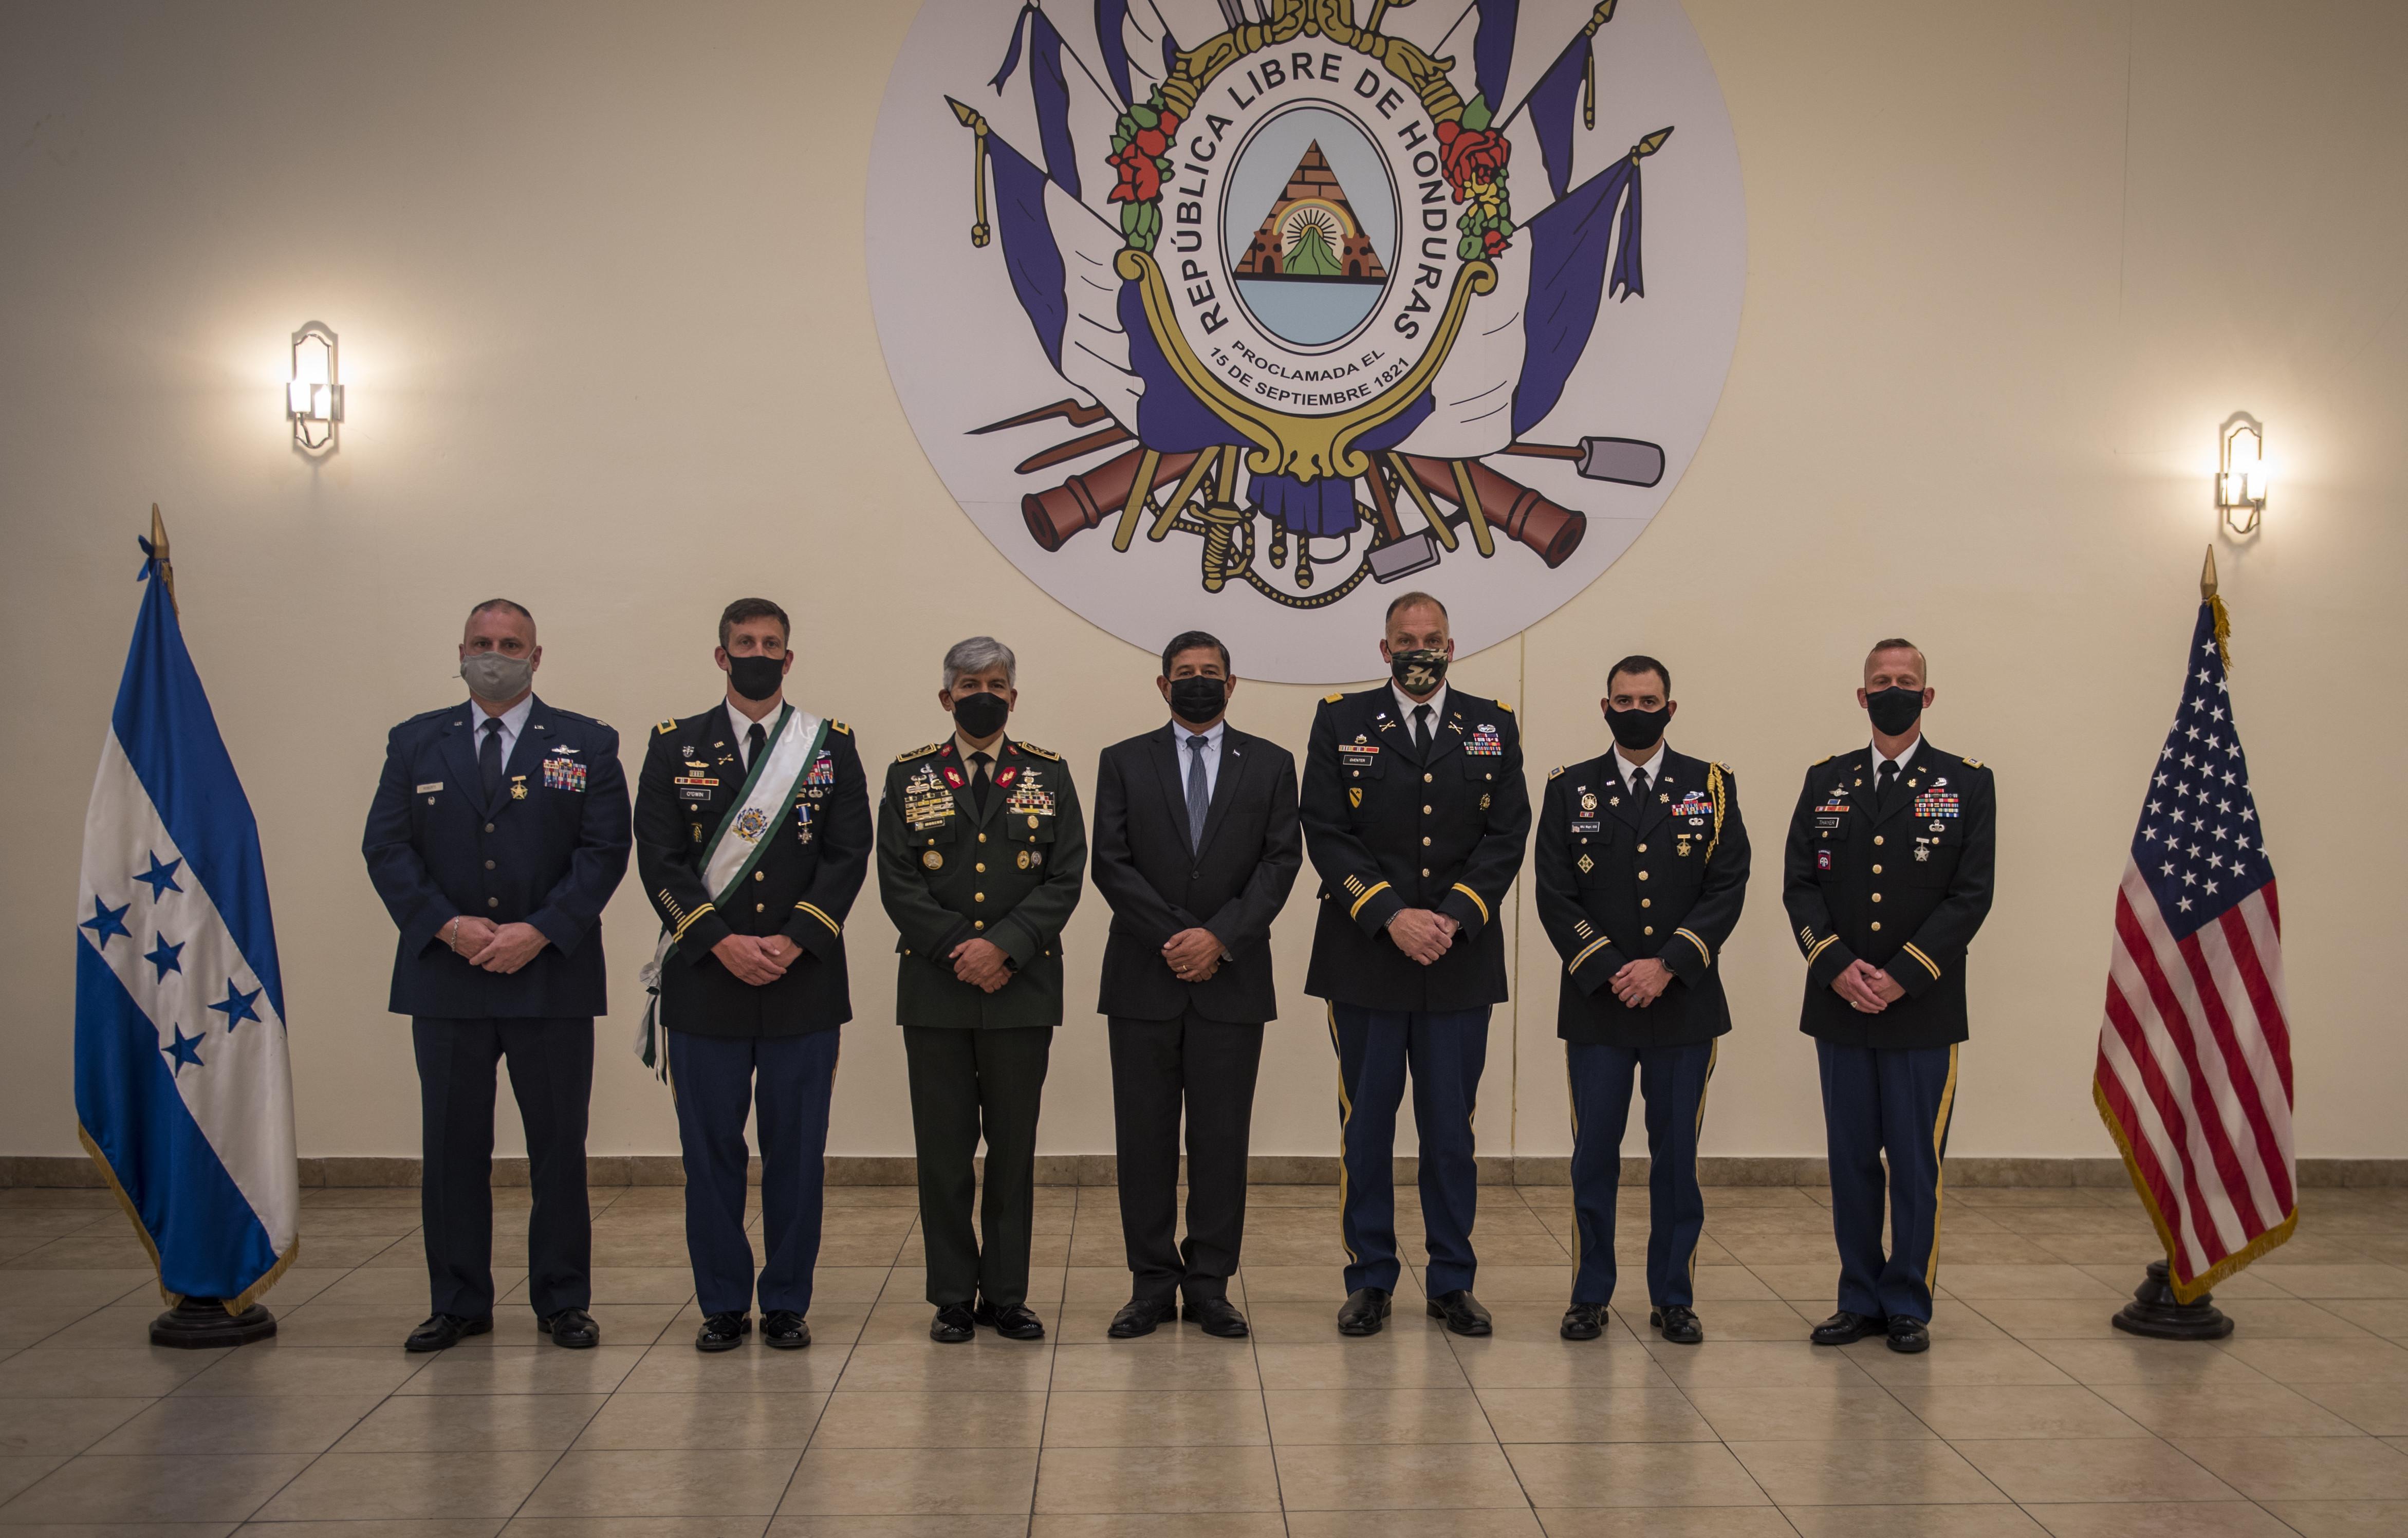 Líderes de JTF-Bravo visitan fuerzas armadas de naciones socias